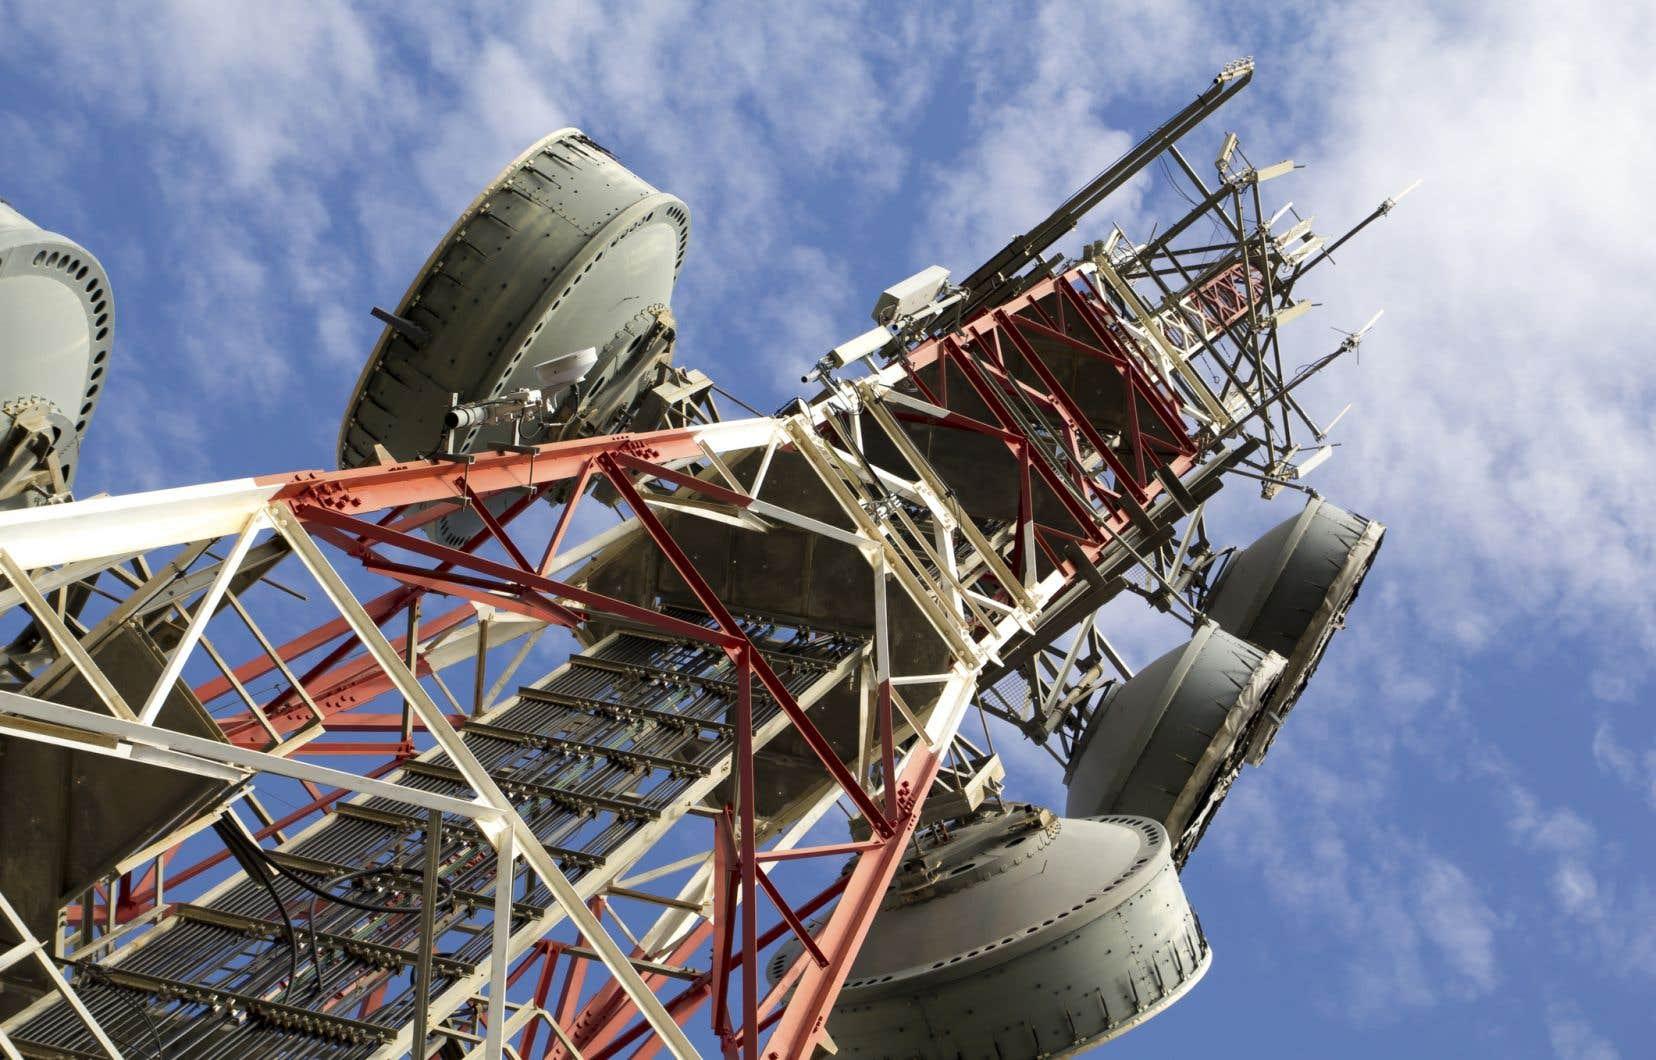 La décision du CRTC permettra aux acteurs régionaux du secteur sans fil d'obtenir un accès aux réseaux des grands fournisseurs.